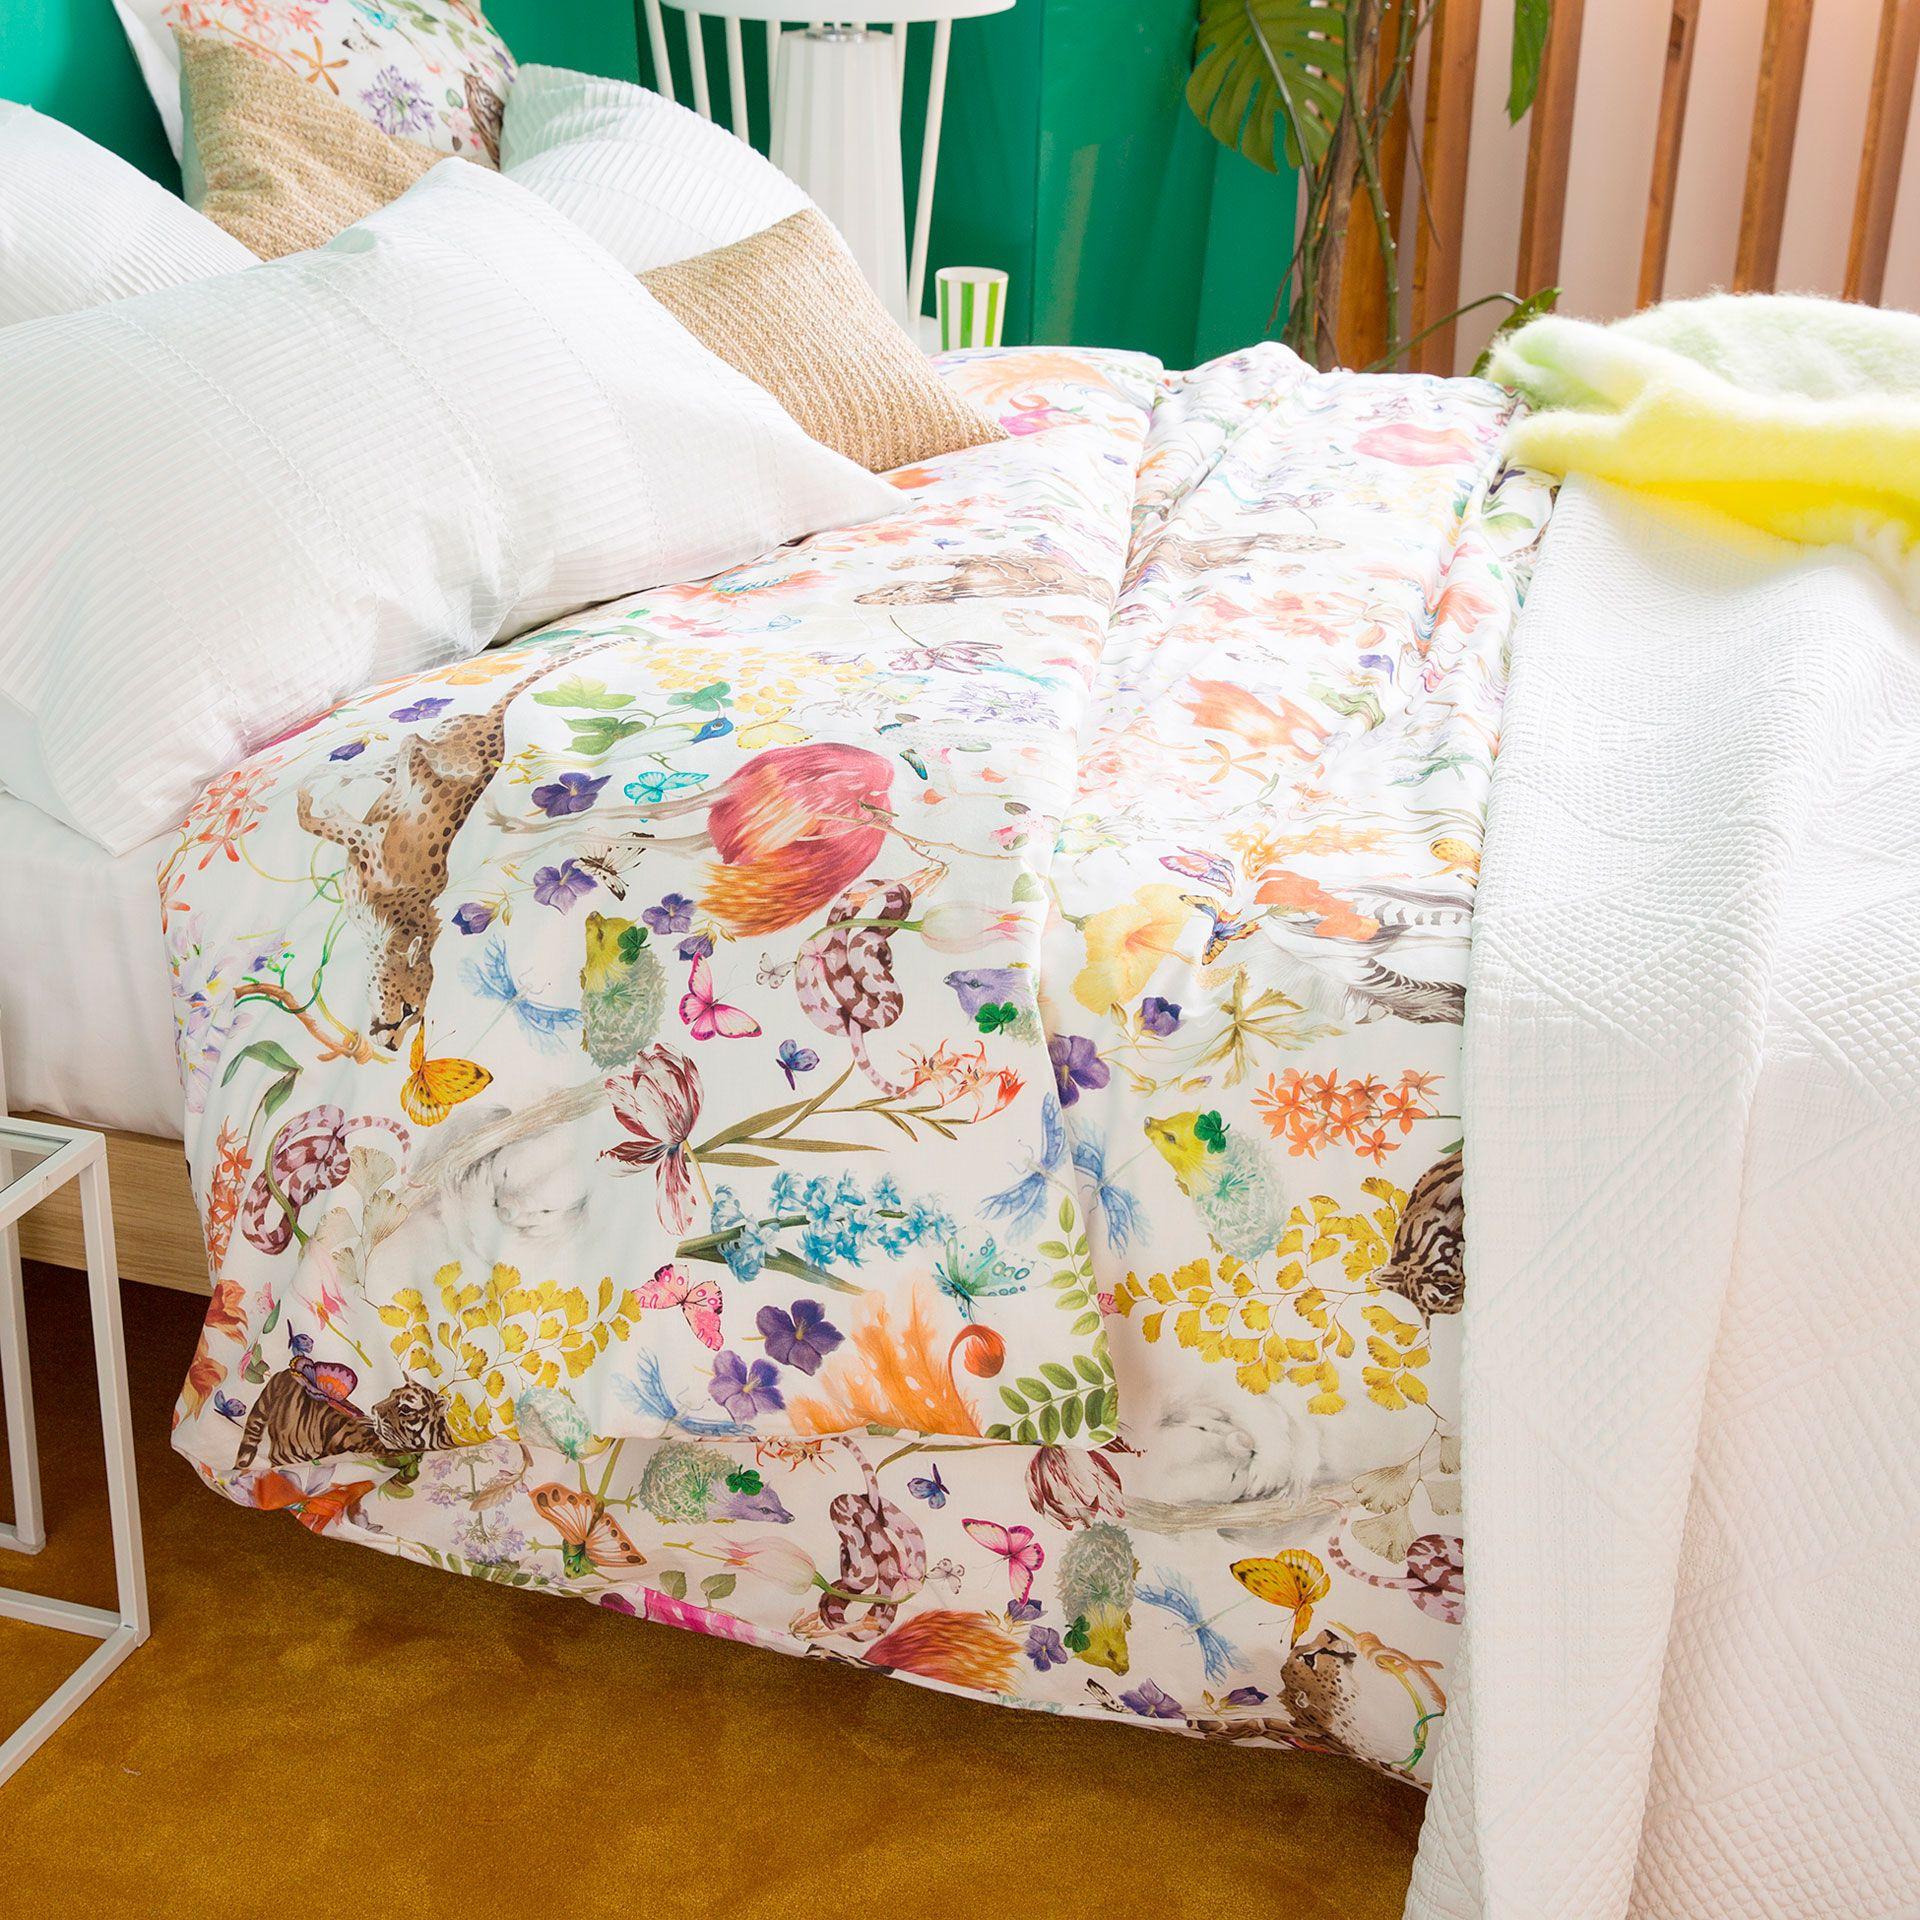 Floral Print Bed Linen Bed Linen Bedroom Zara Home